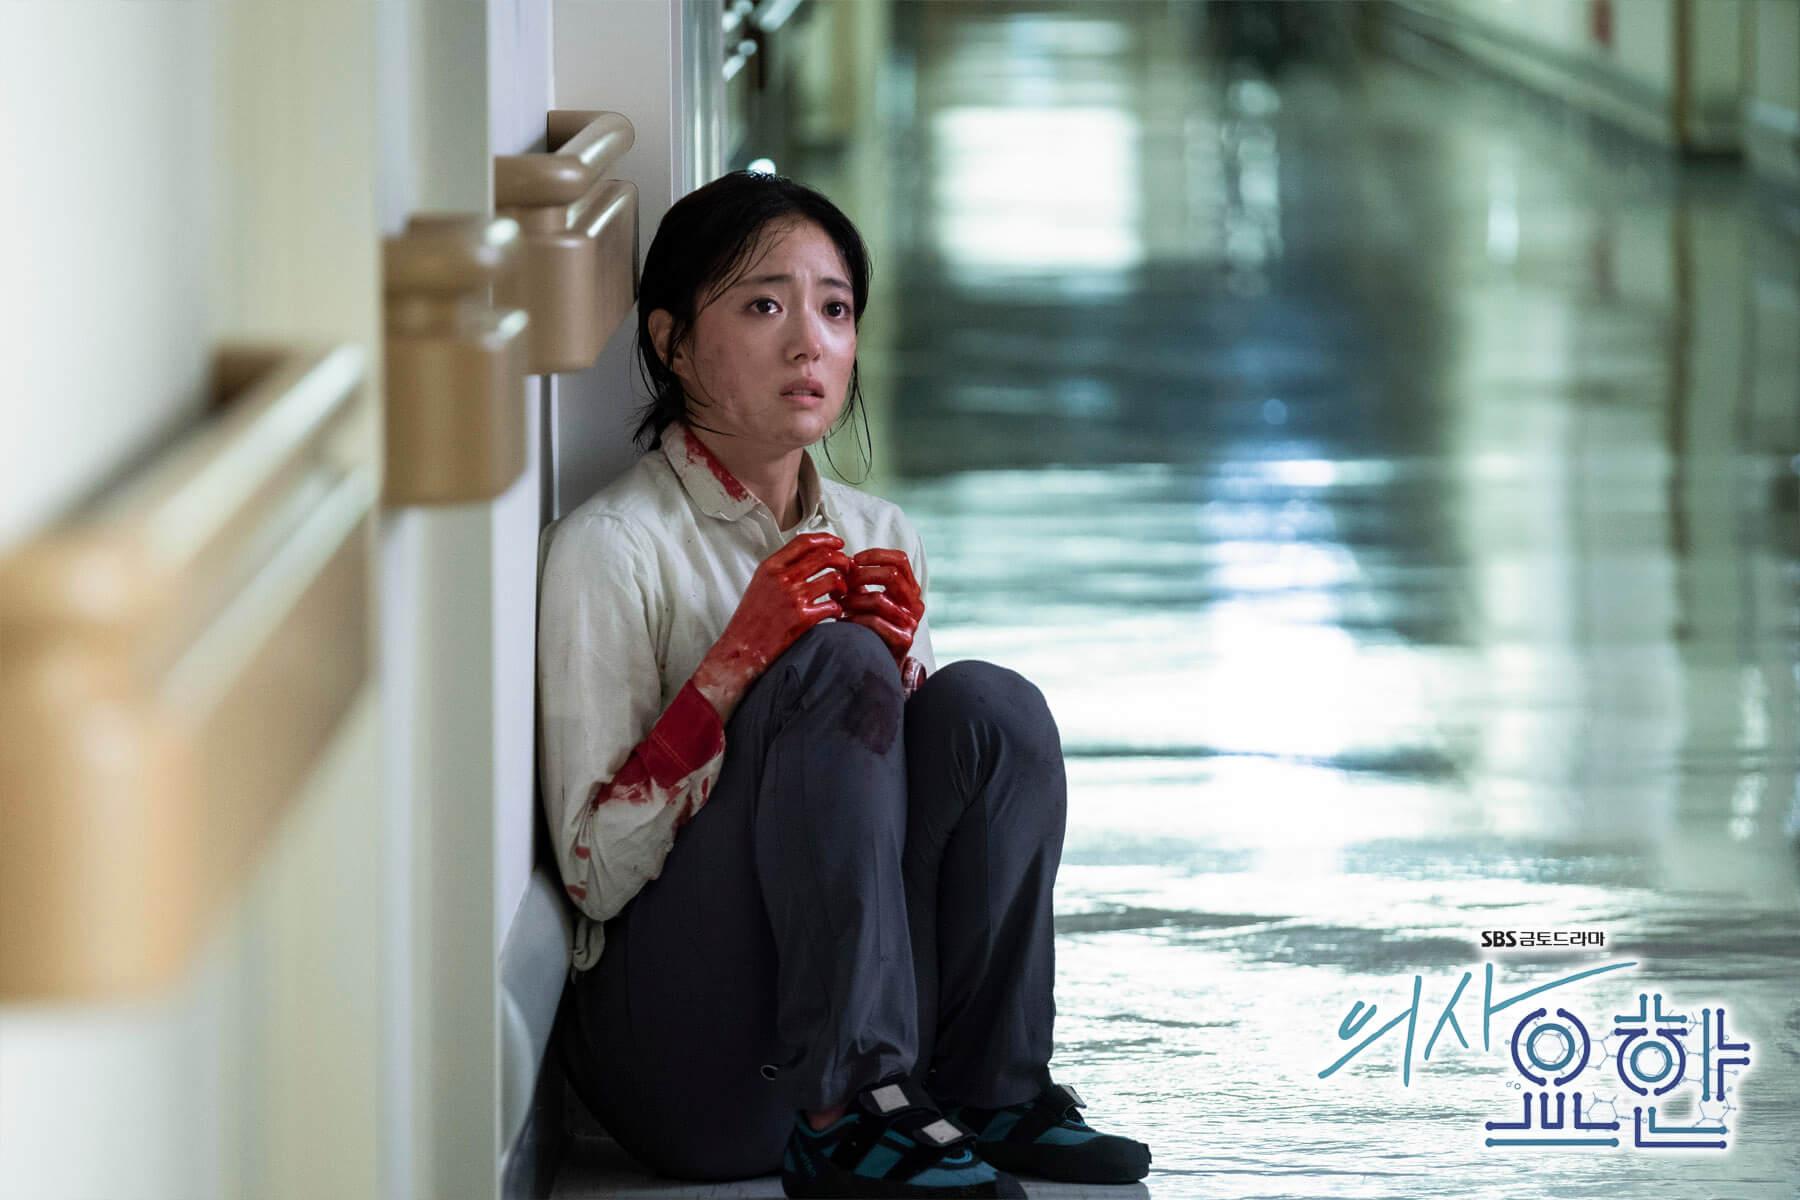 姜詩英在醫療事故後以脫下醫生袍來懲罰自己,輾轉到監獄兼職獄醫,在車耀漢的刺激下回巢。